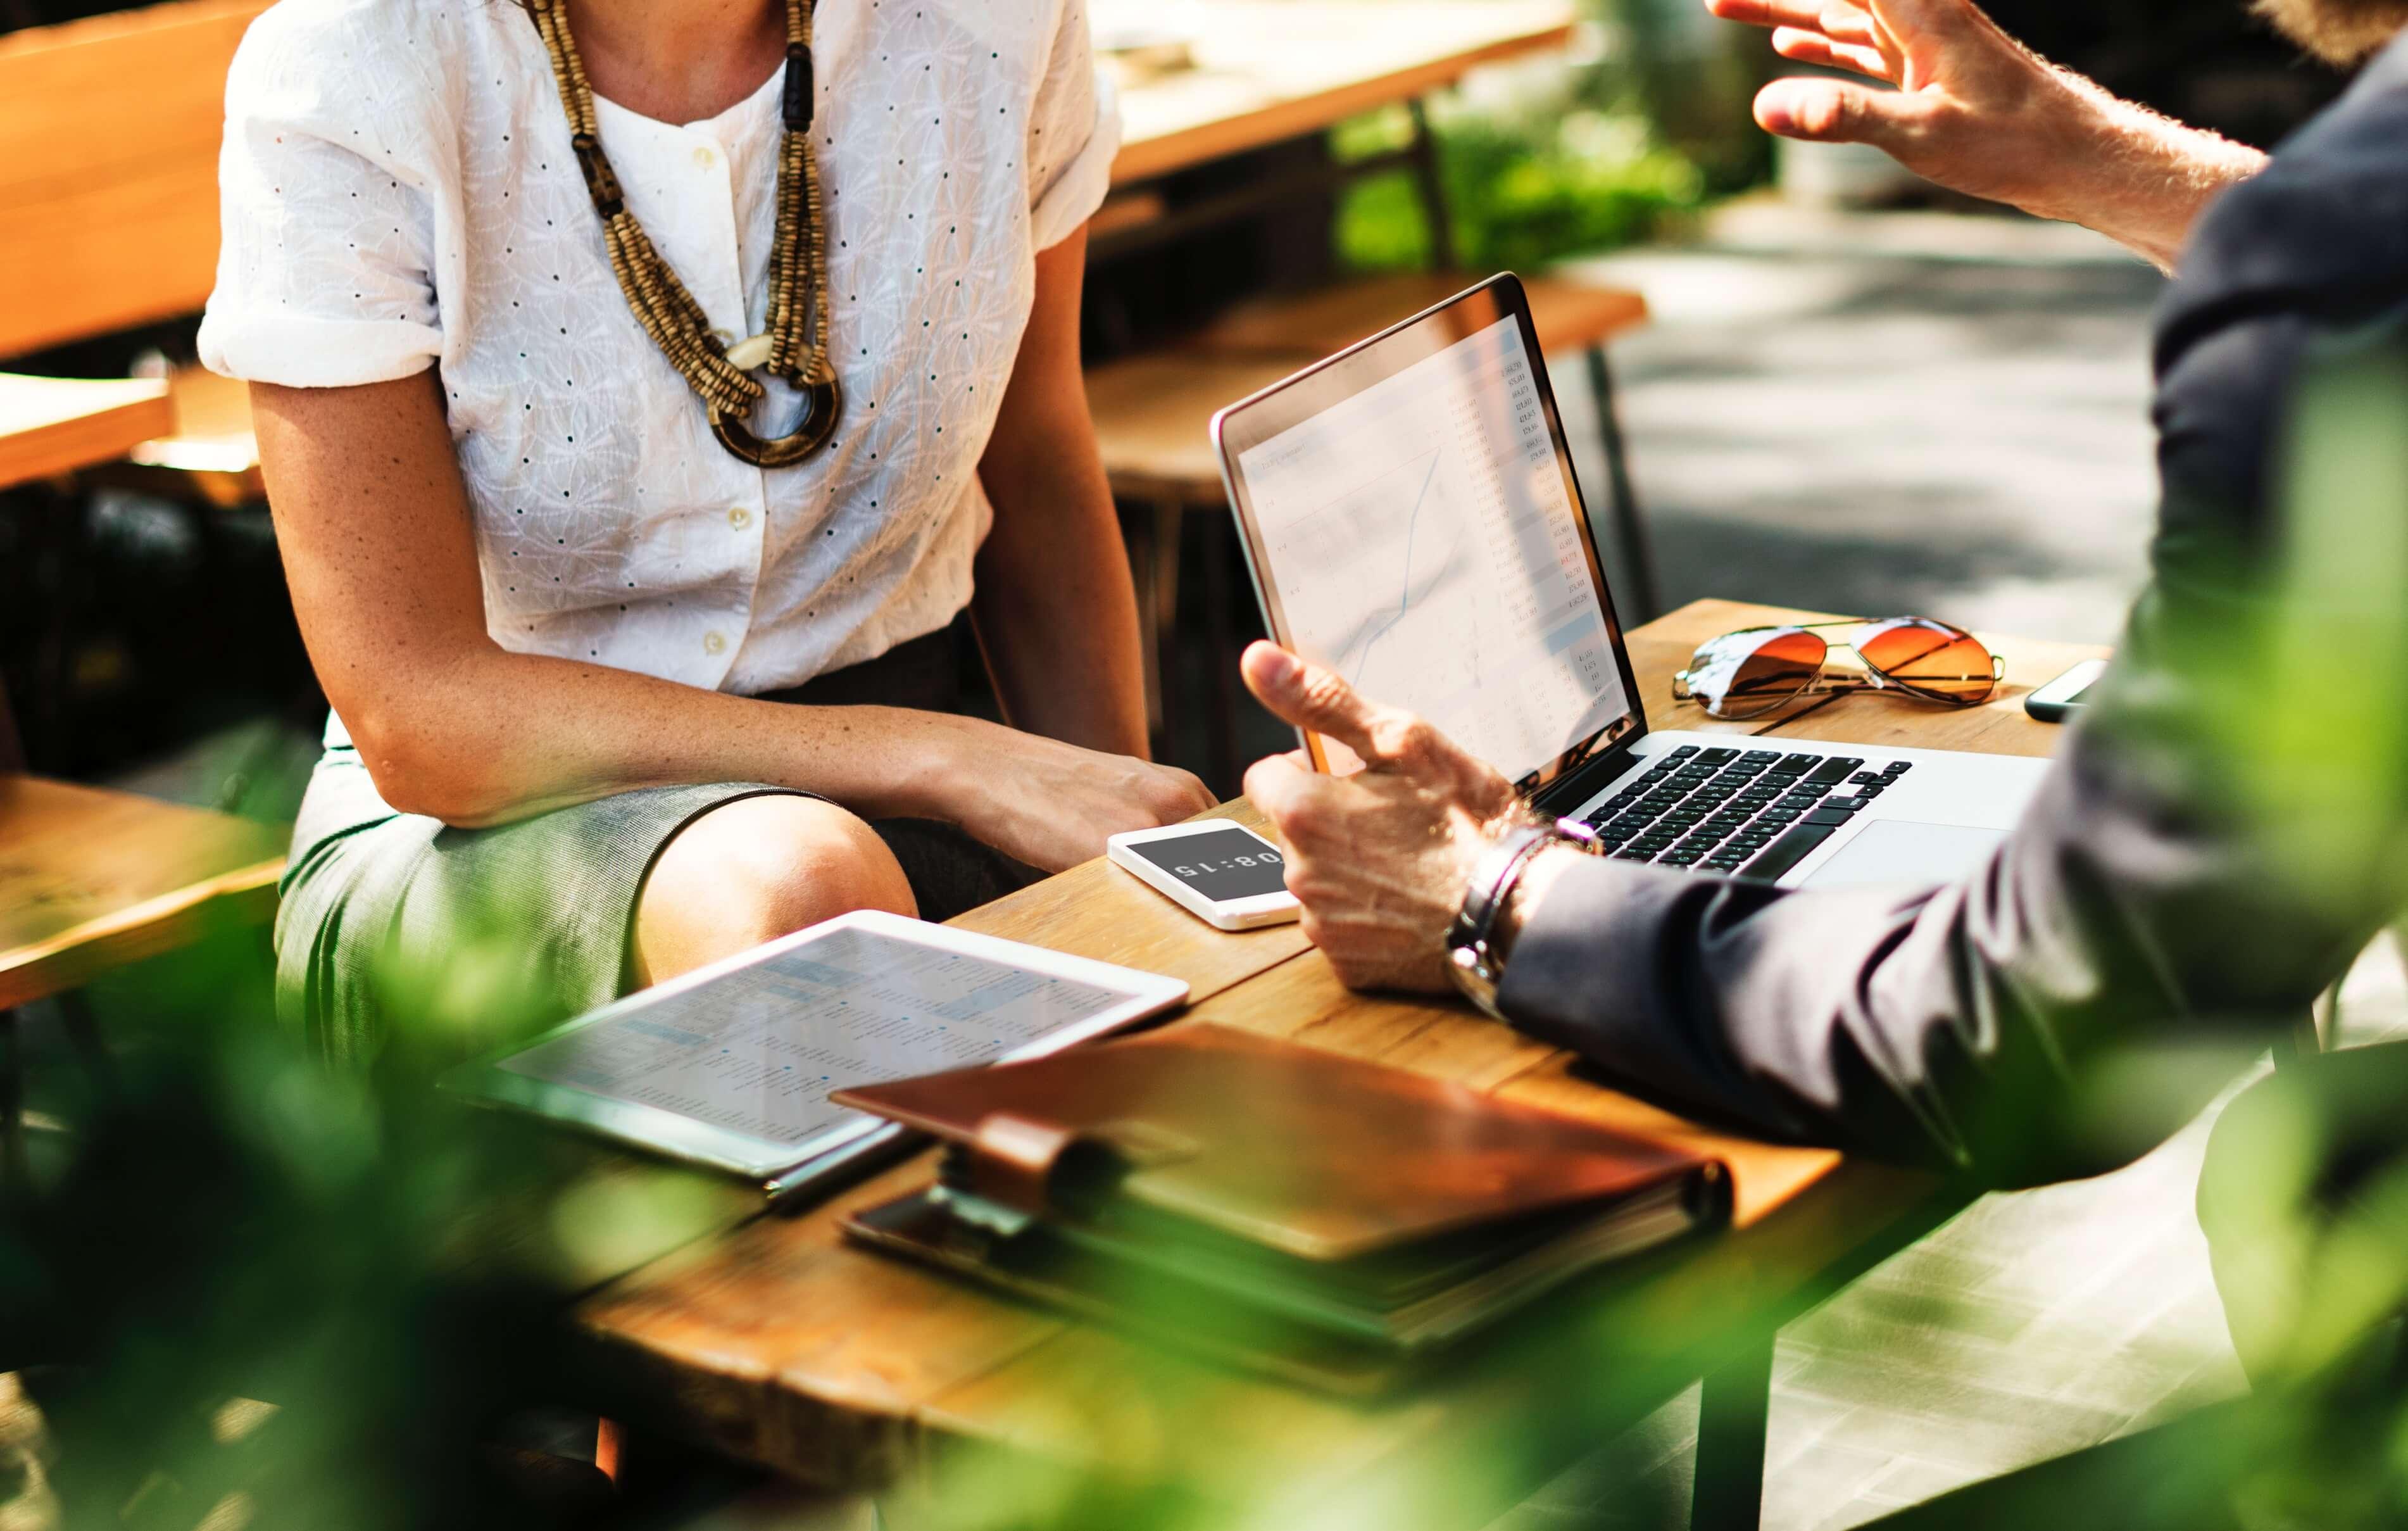 Meeting between two people talking